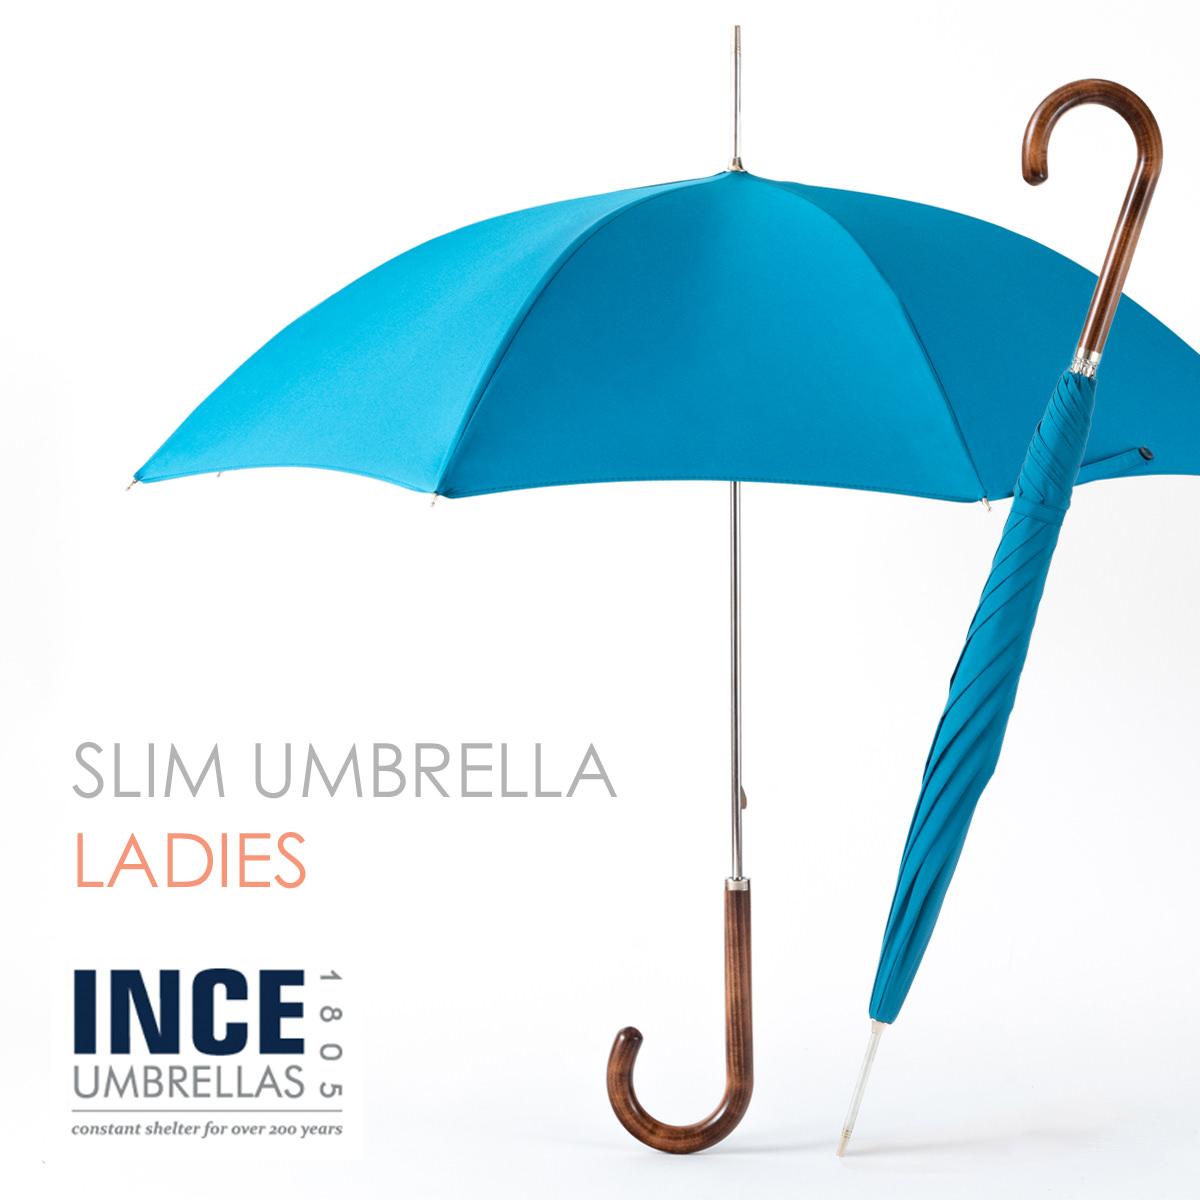 SALE 紫外線99%カット 軽量 細身 晴雨傘 イギリスで最も長い歴史を持つ傘メーカーの細く華奢な傘 丈夫 スタイリッシュ ウッド 限定タイムセール 木製 おしゃれ 女性用 水色 ライトブルー KING FISHER セール INCE UMBRELLA インスアンブレラ メープルウッドハンドル シティ 超定番 ターコイズ inceladcs-kingfisher 日傘兼用 かさ 無地 イギリス City レディース Slim キングフィッシャー ロンドン 2021新作 ギフト スリム 長傘